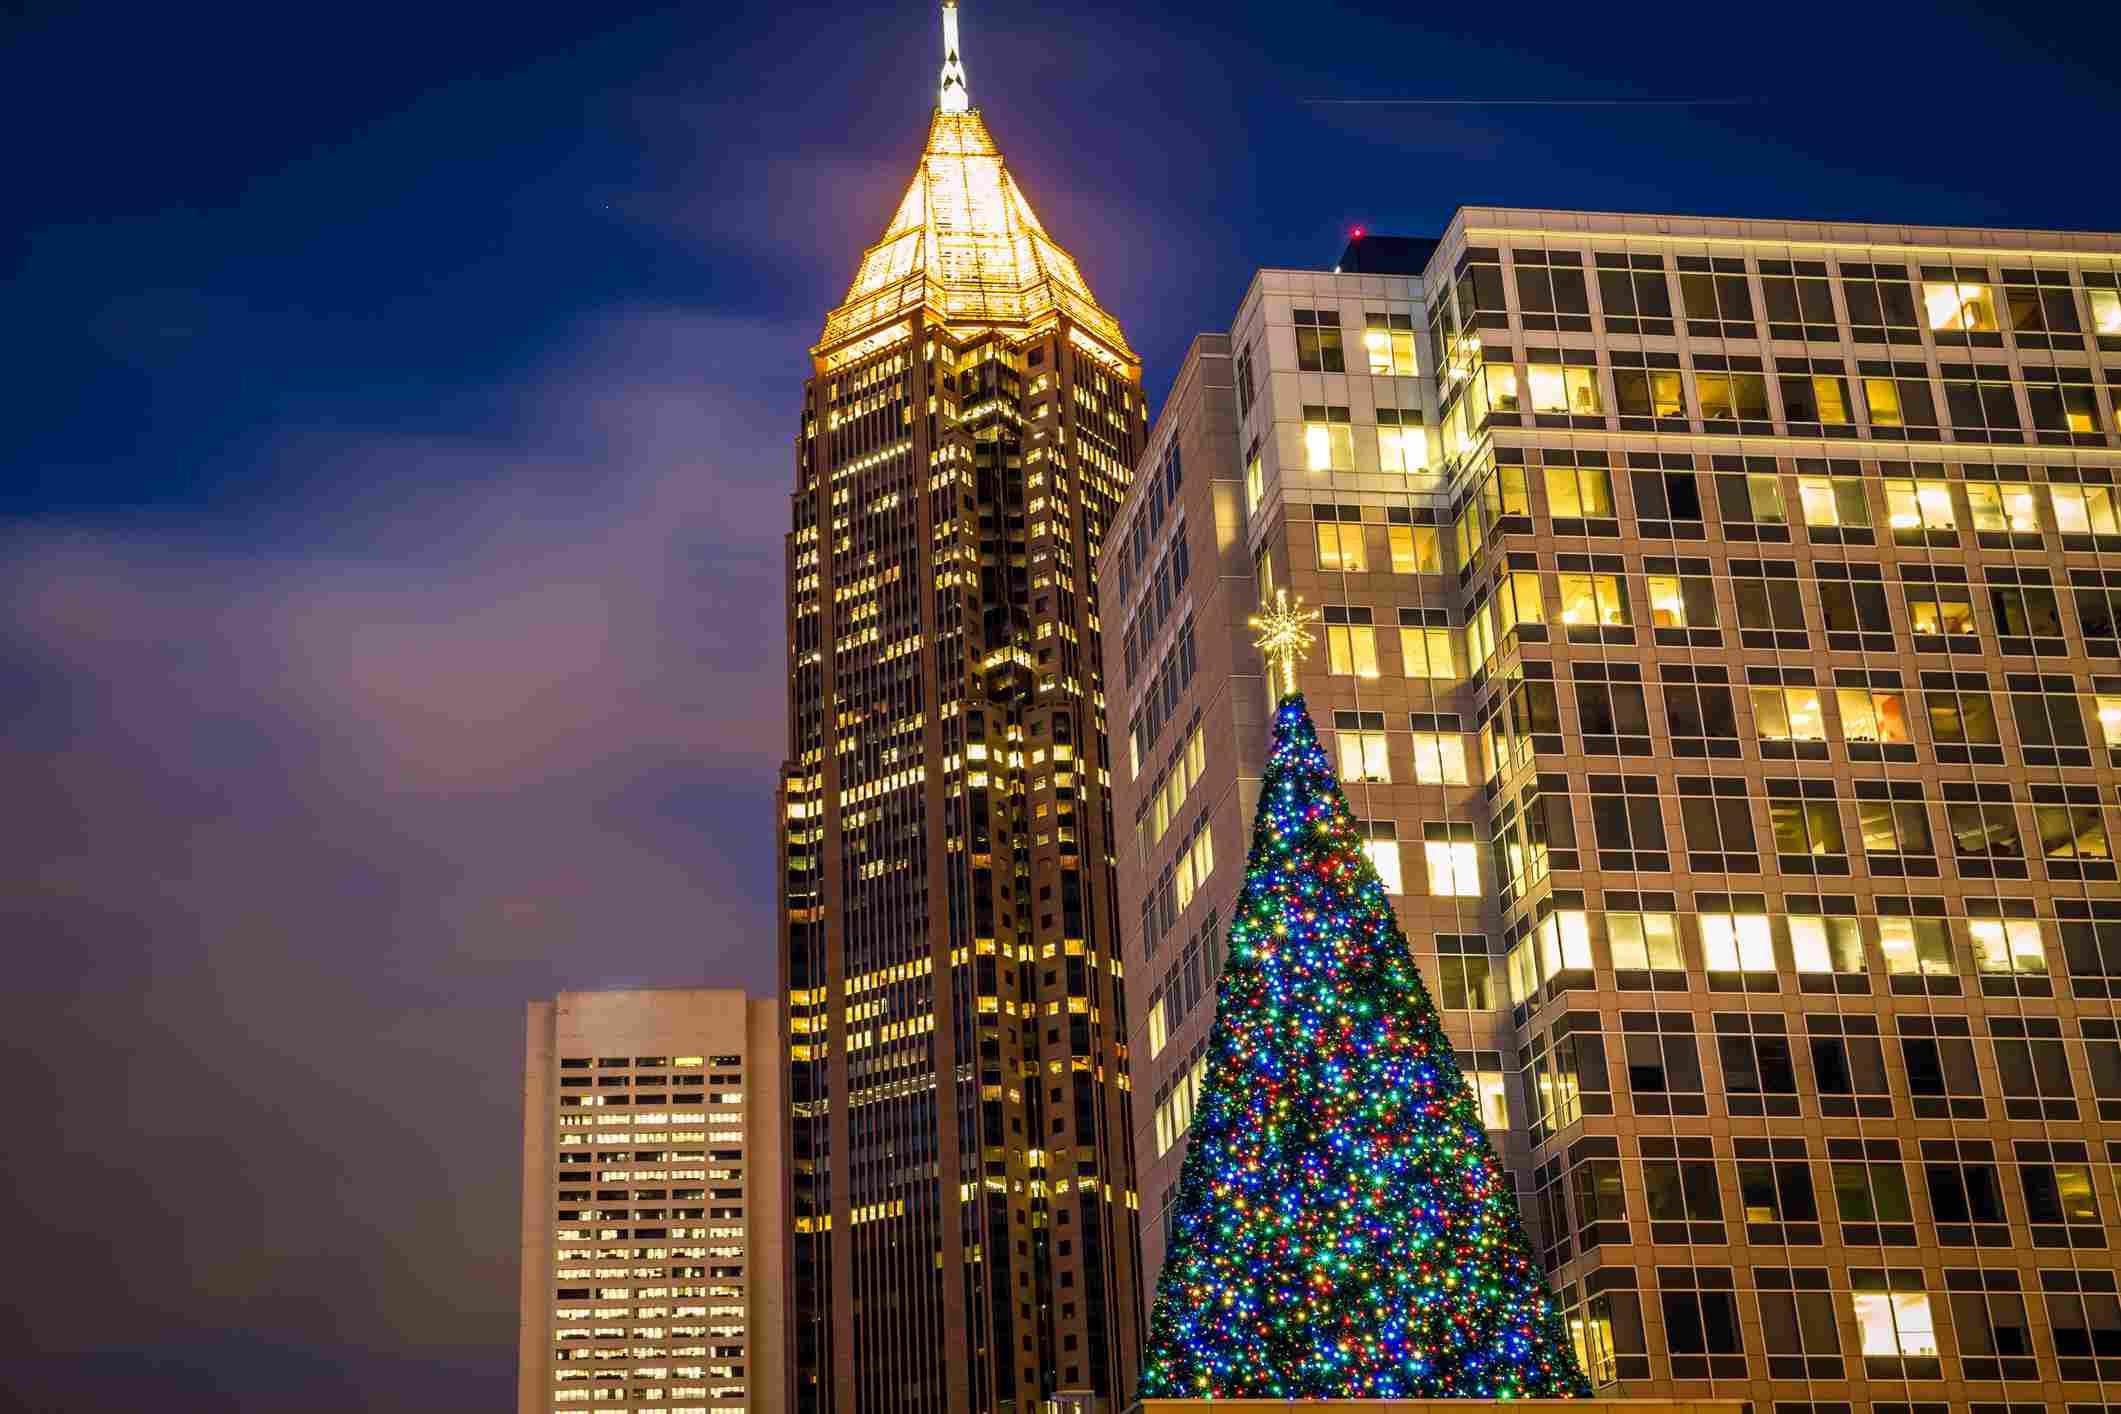 Atlanta at Christmas